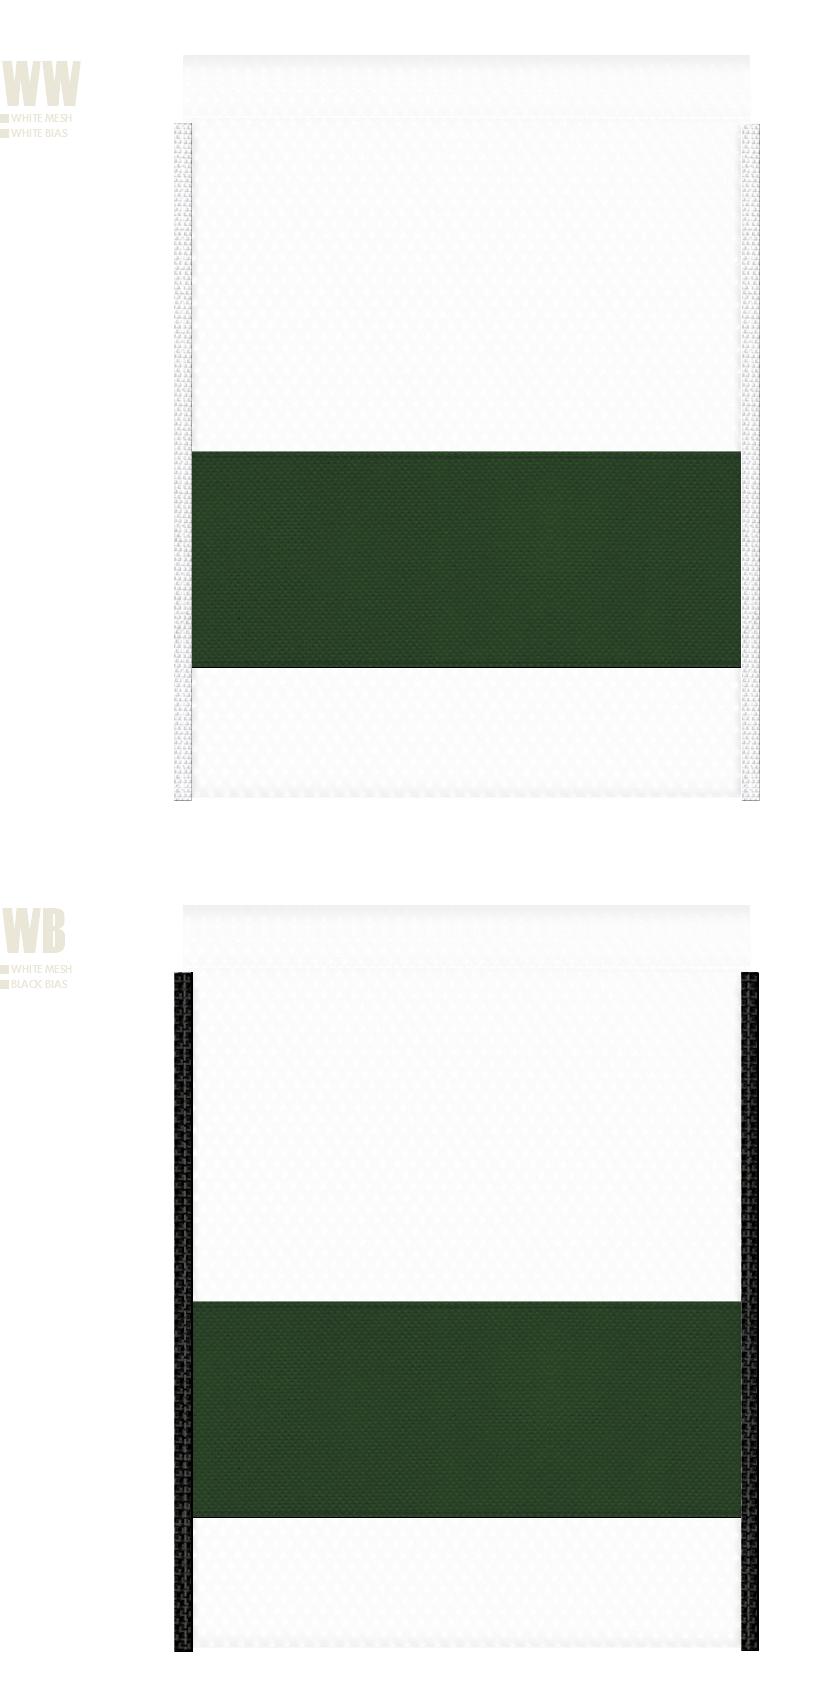 白色メッシュと濃緑色不織布のメッシュバッグカラーシミュレーション:医薬品・キャンプ用品・アウトドア用品・スポーツ用品・シューズバッグにお奨め